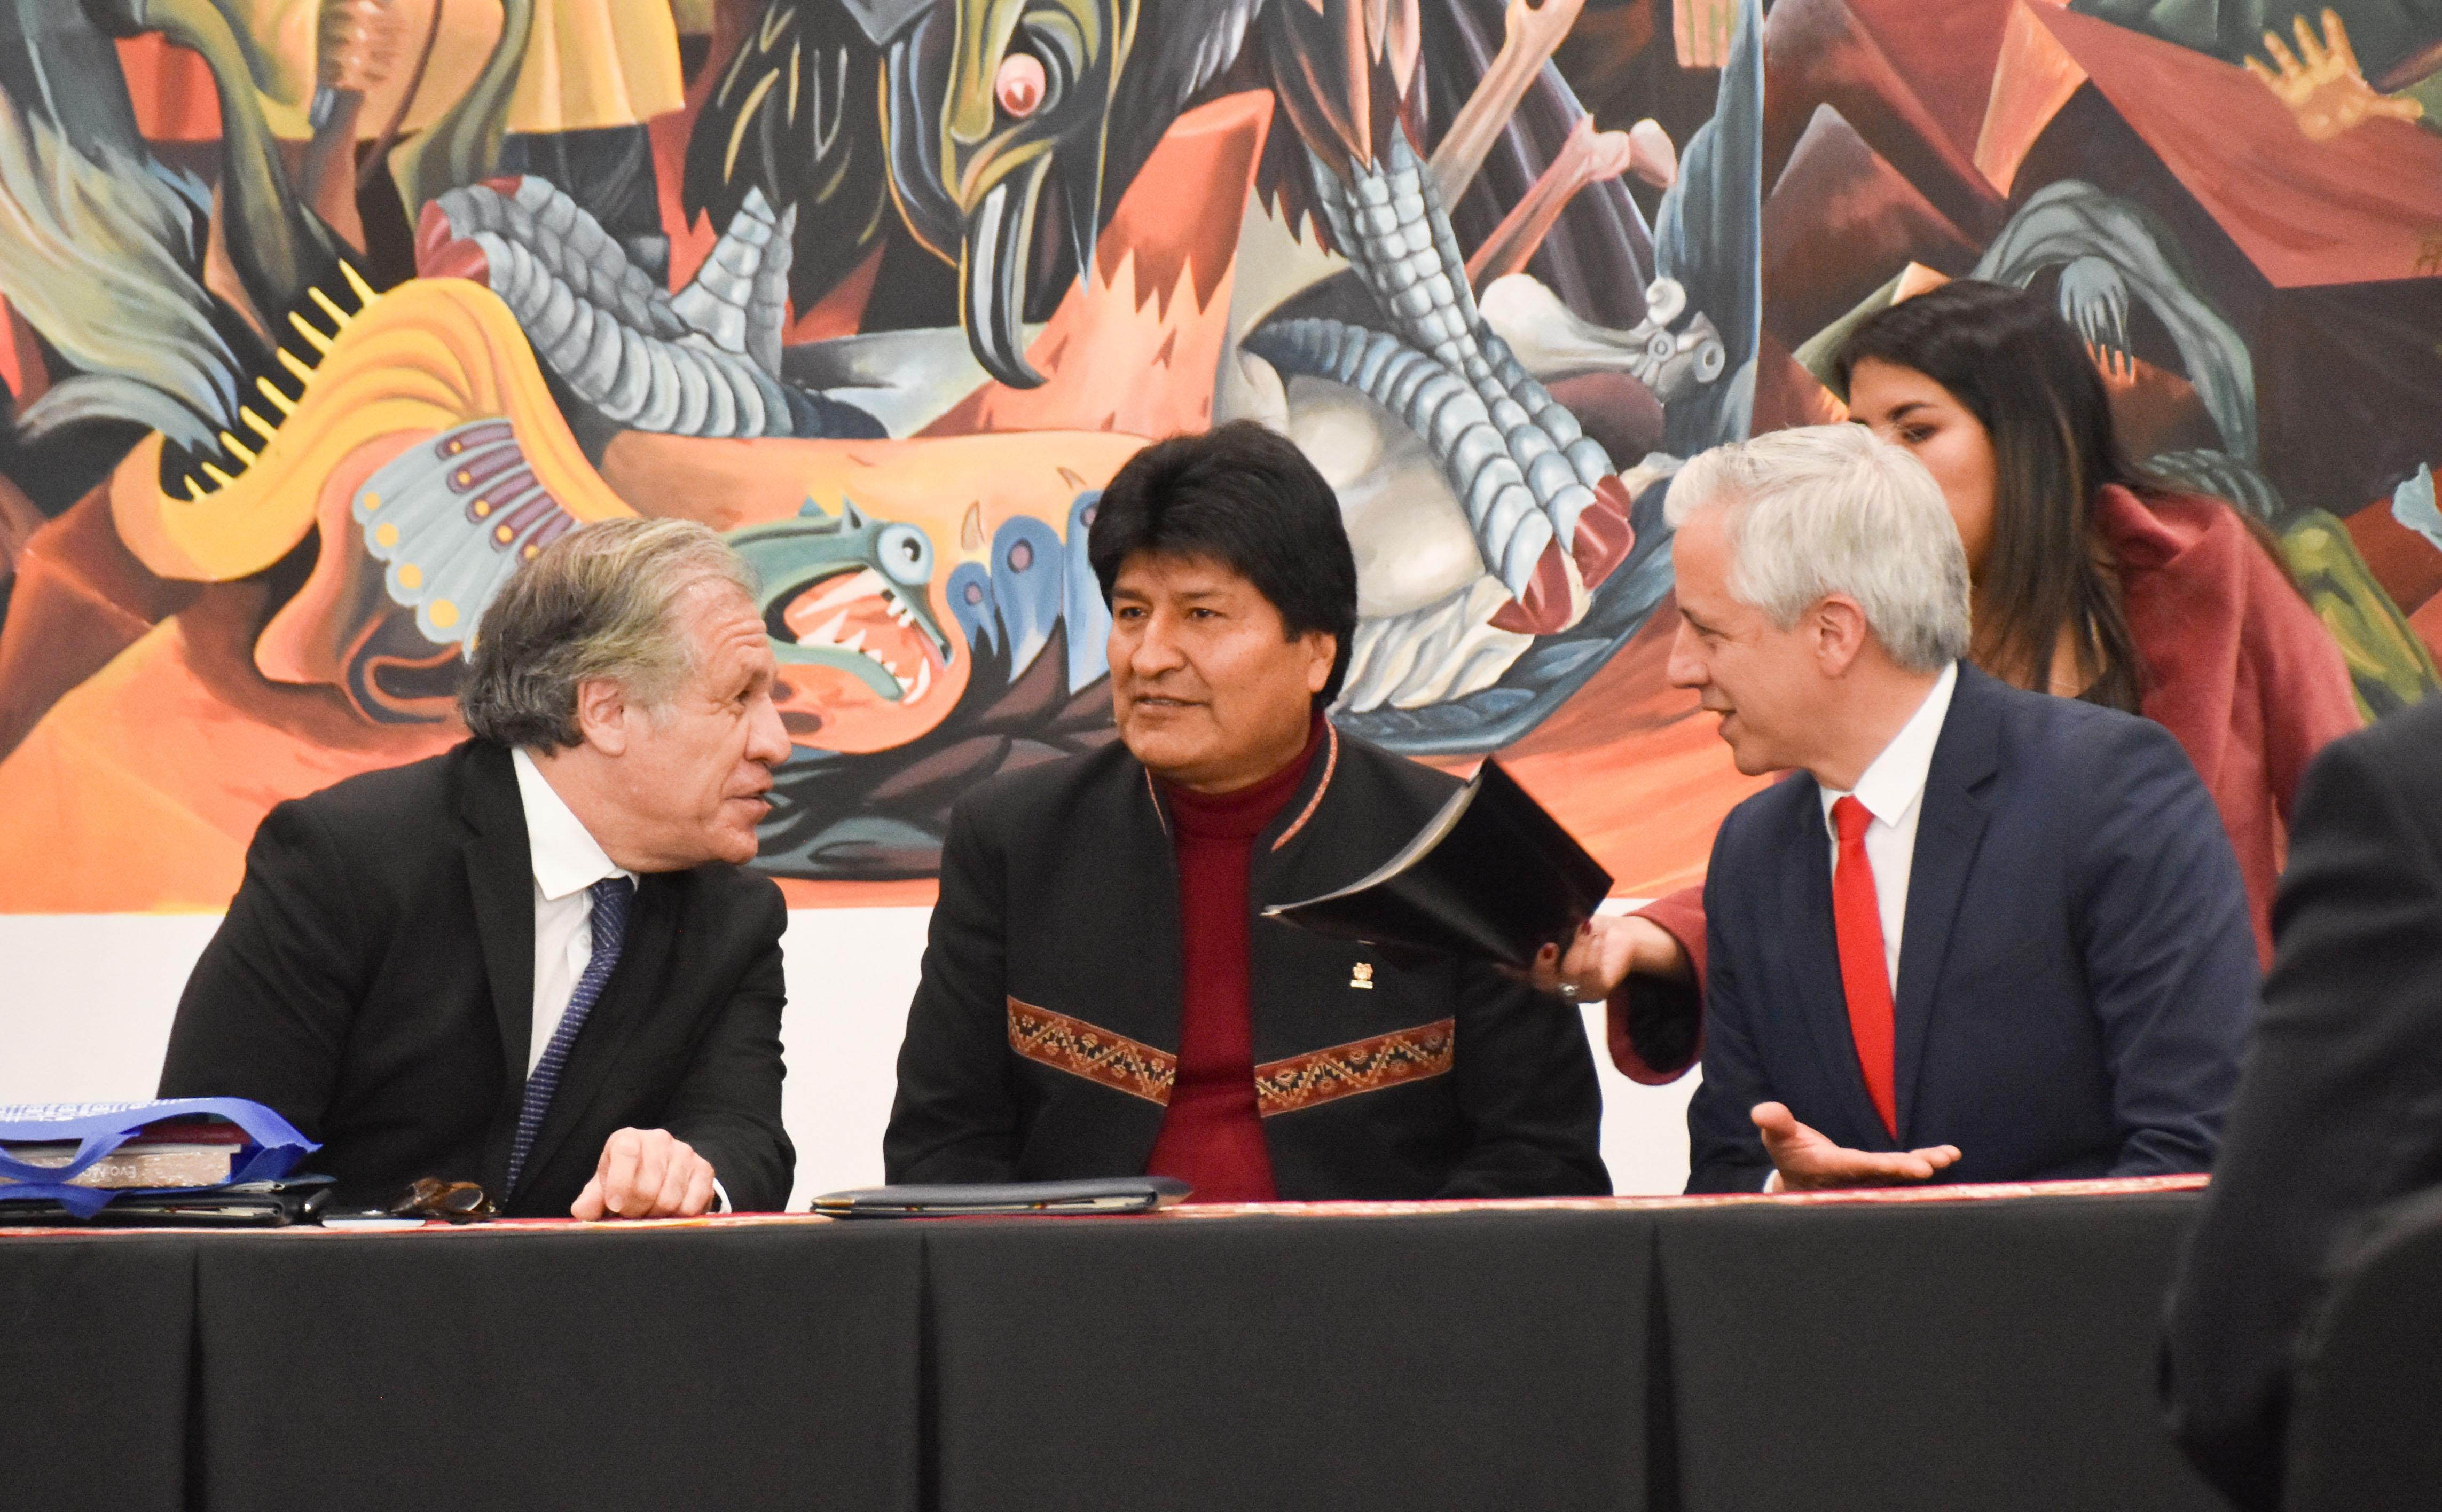 Luis Almagro junto al presidente, Evo Morales y el vicepresidente, Álvaro García Liner